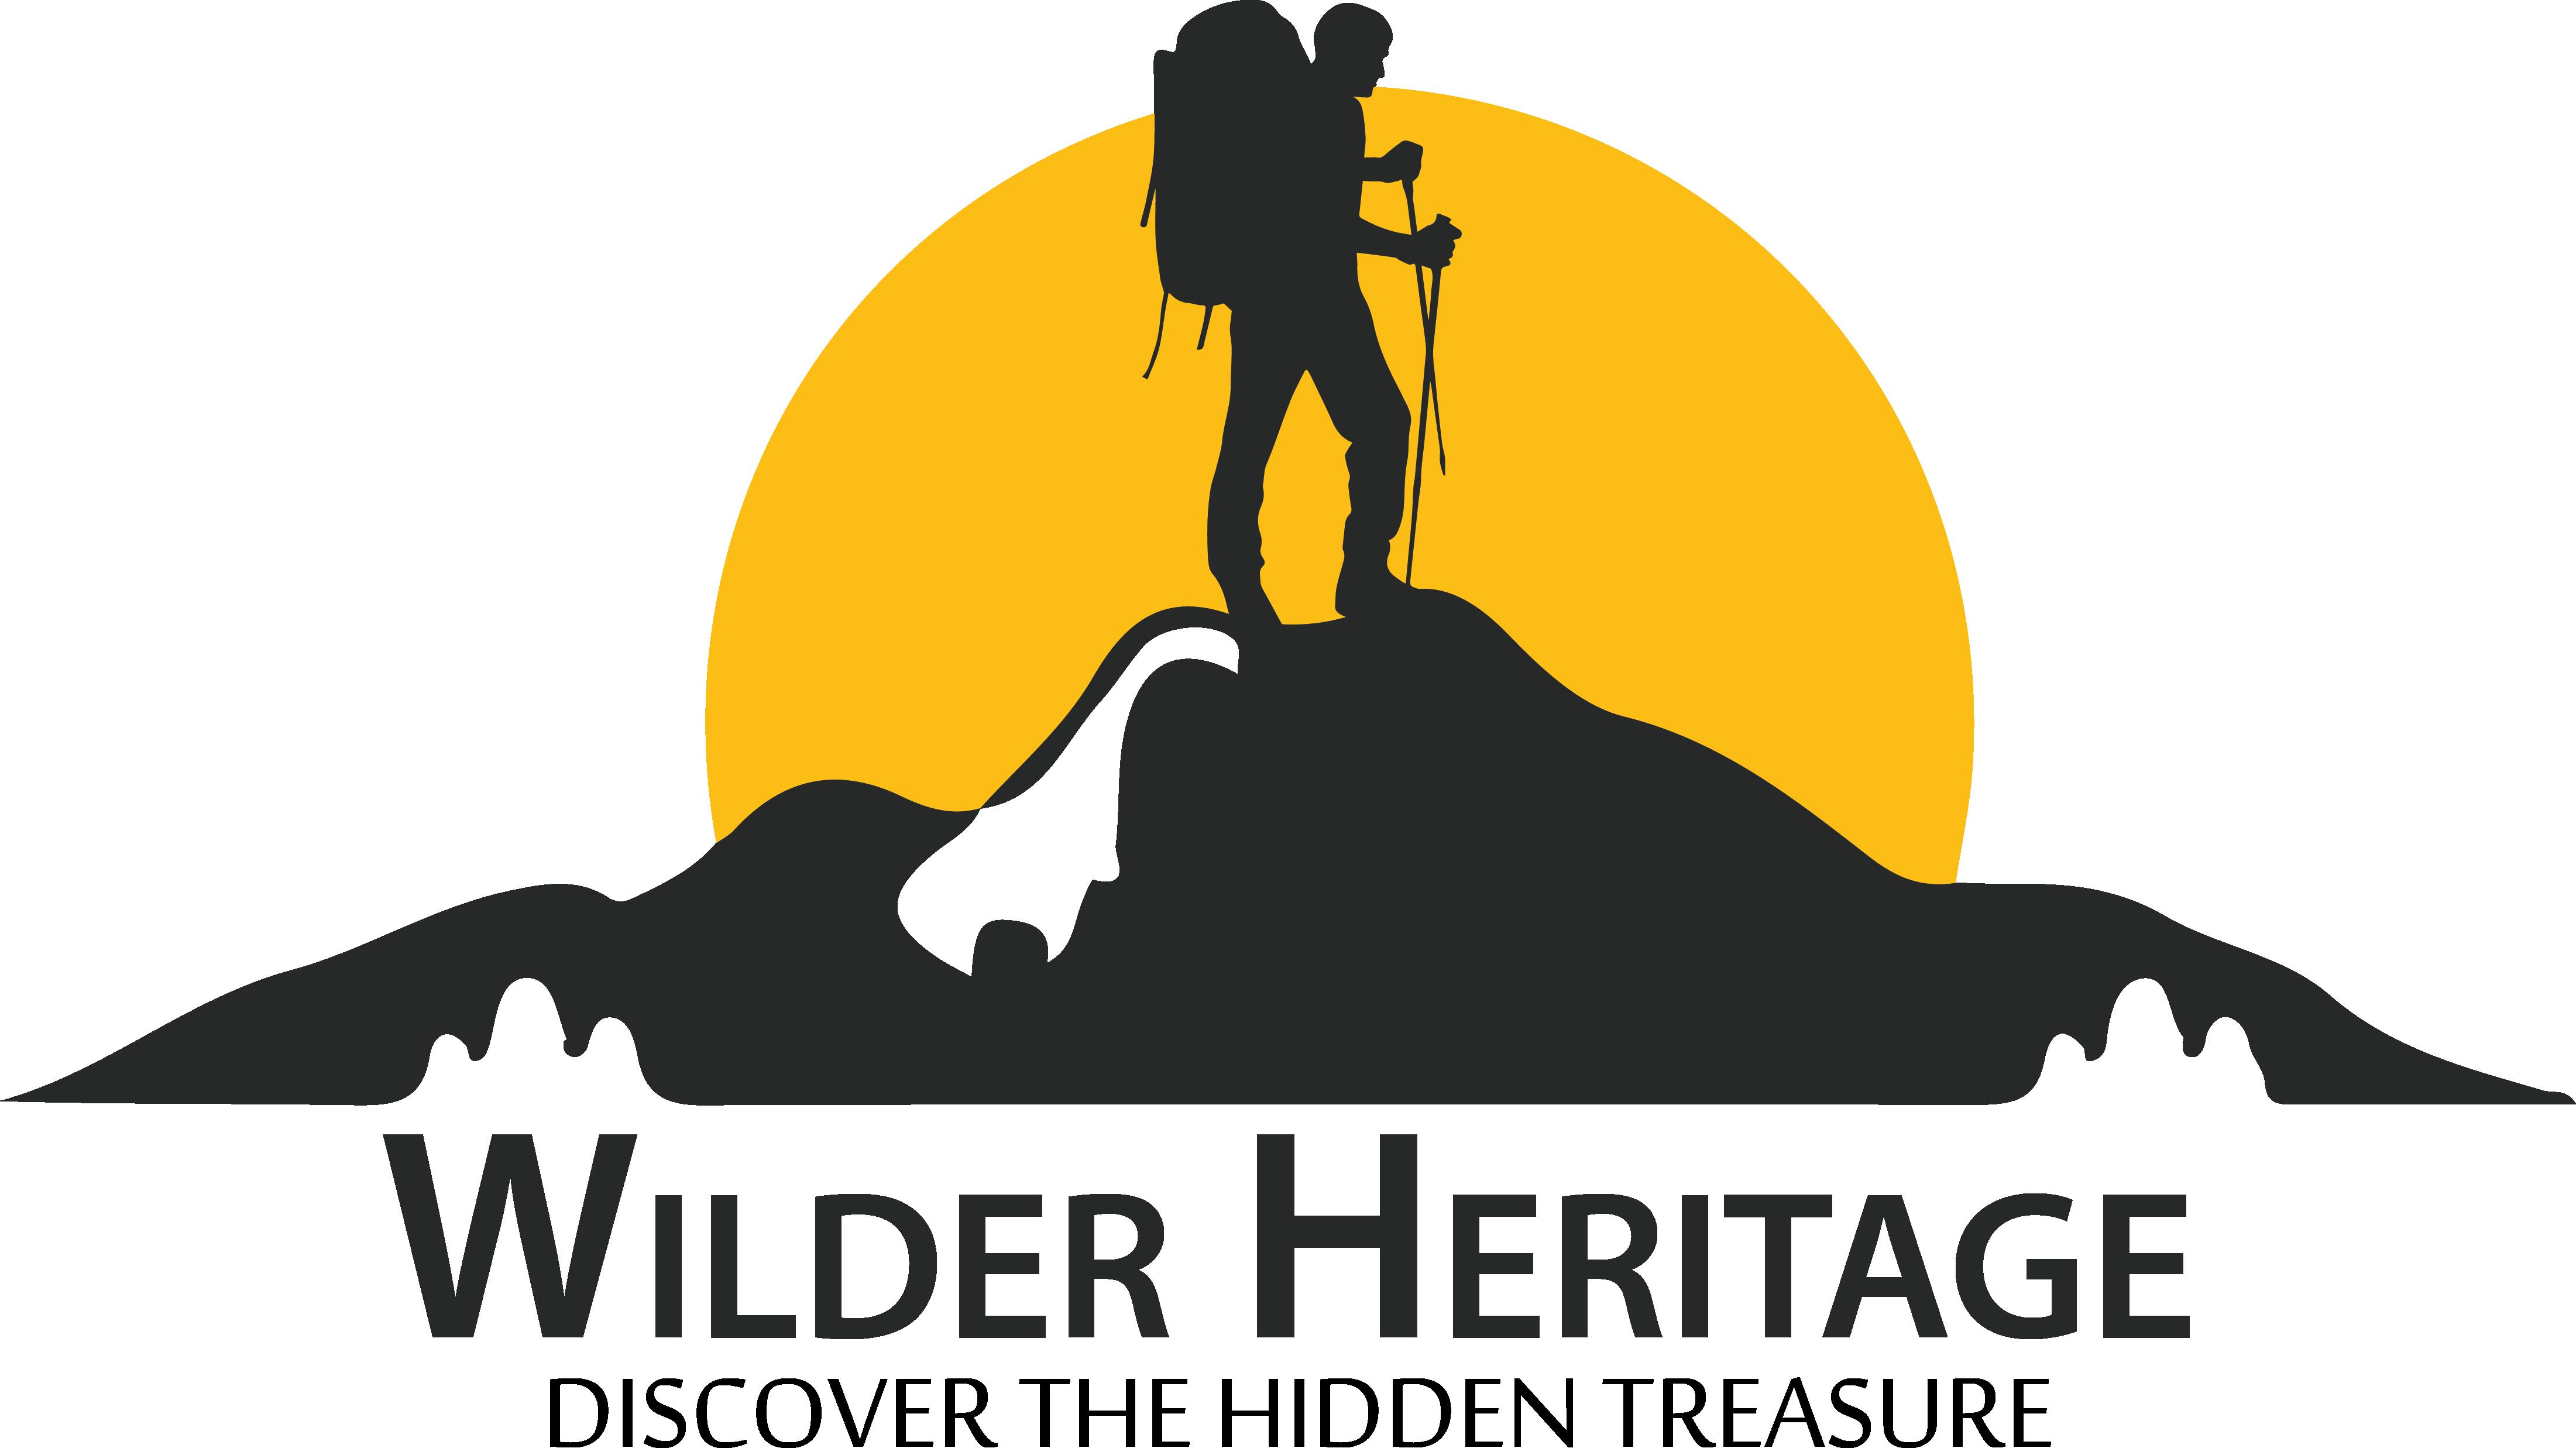 Wilder Heritage